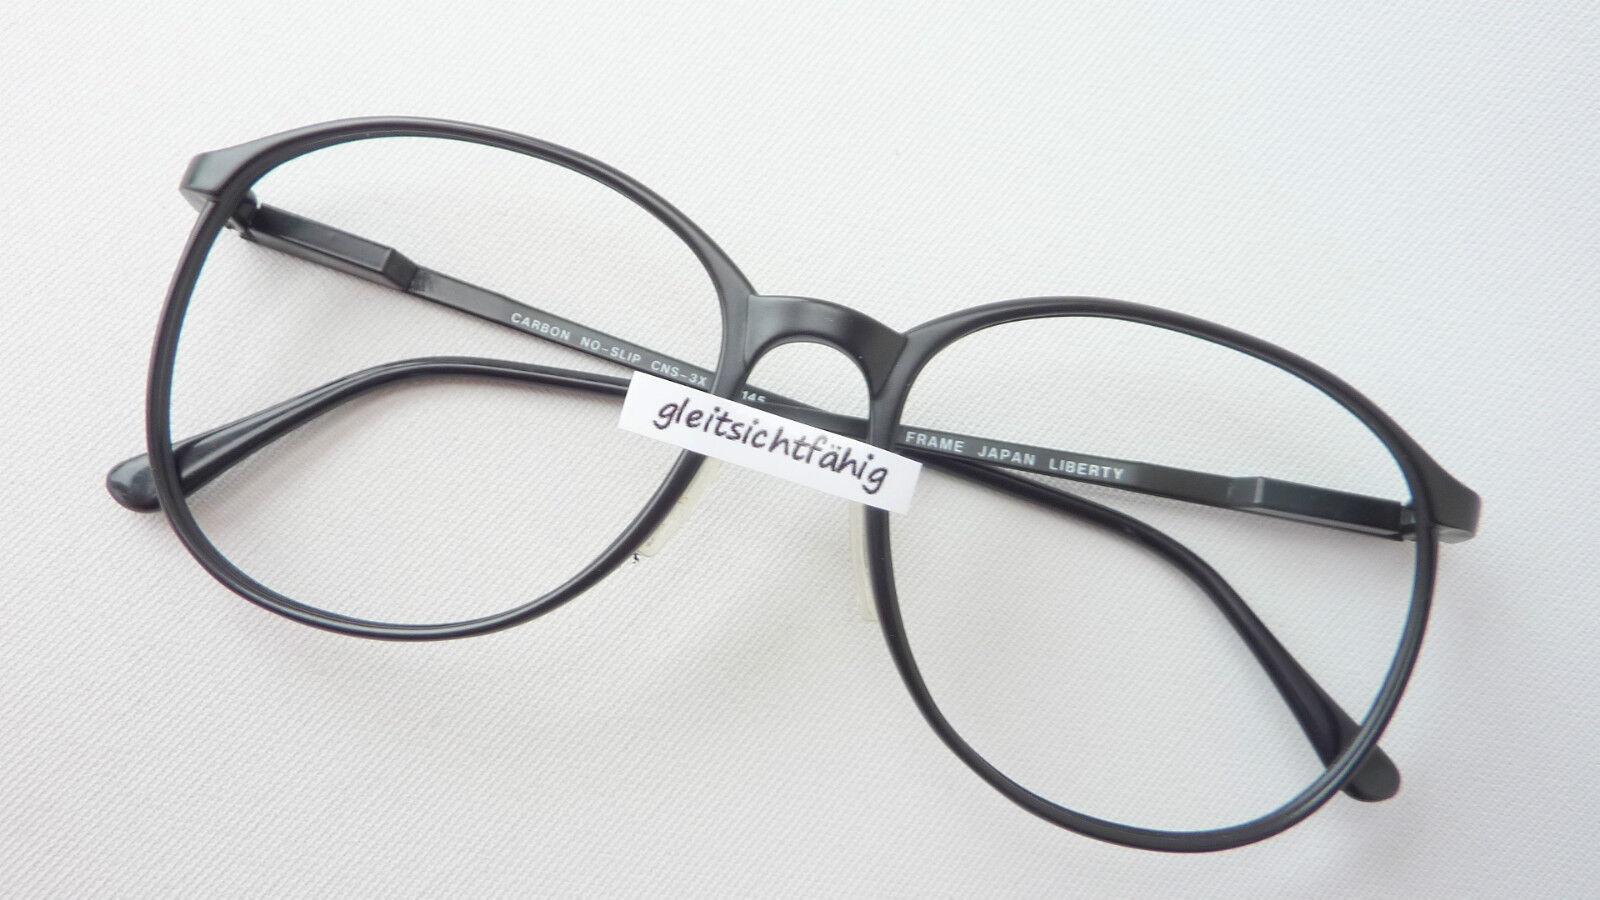 Carbon Brille für Männer Männer Männer mattschwarz Fassung Gestell Federbügel leicht Grösse L | Outlet  | Quality First  | Überlegene Qualität  ce41c2